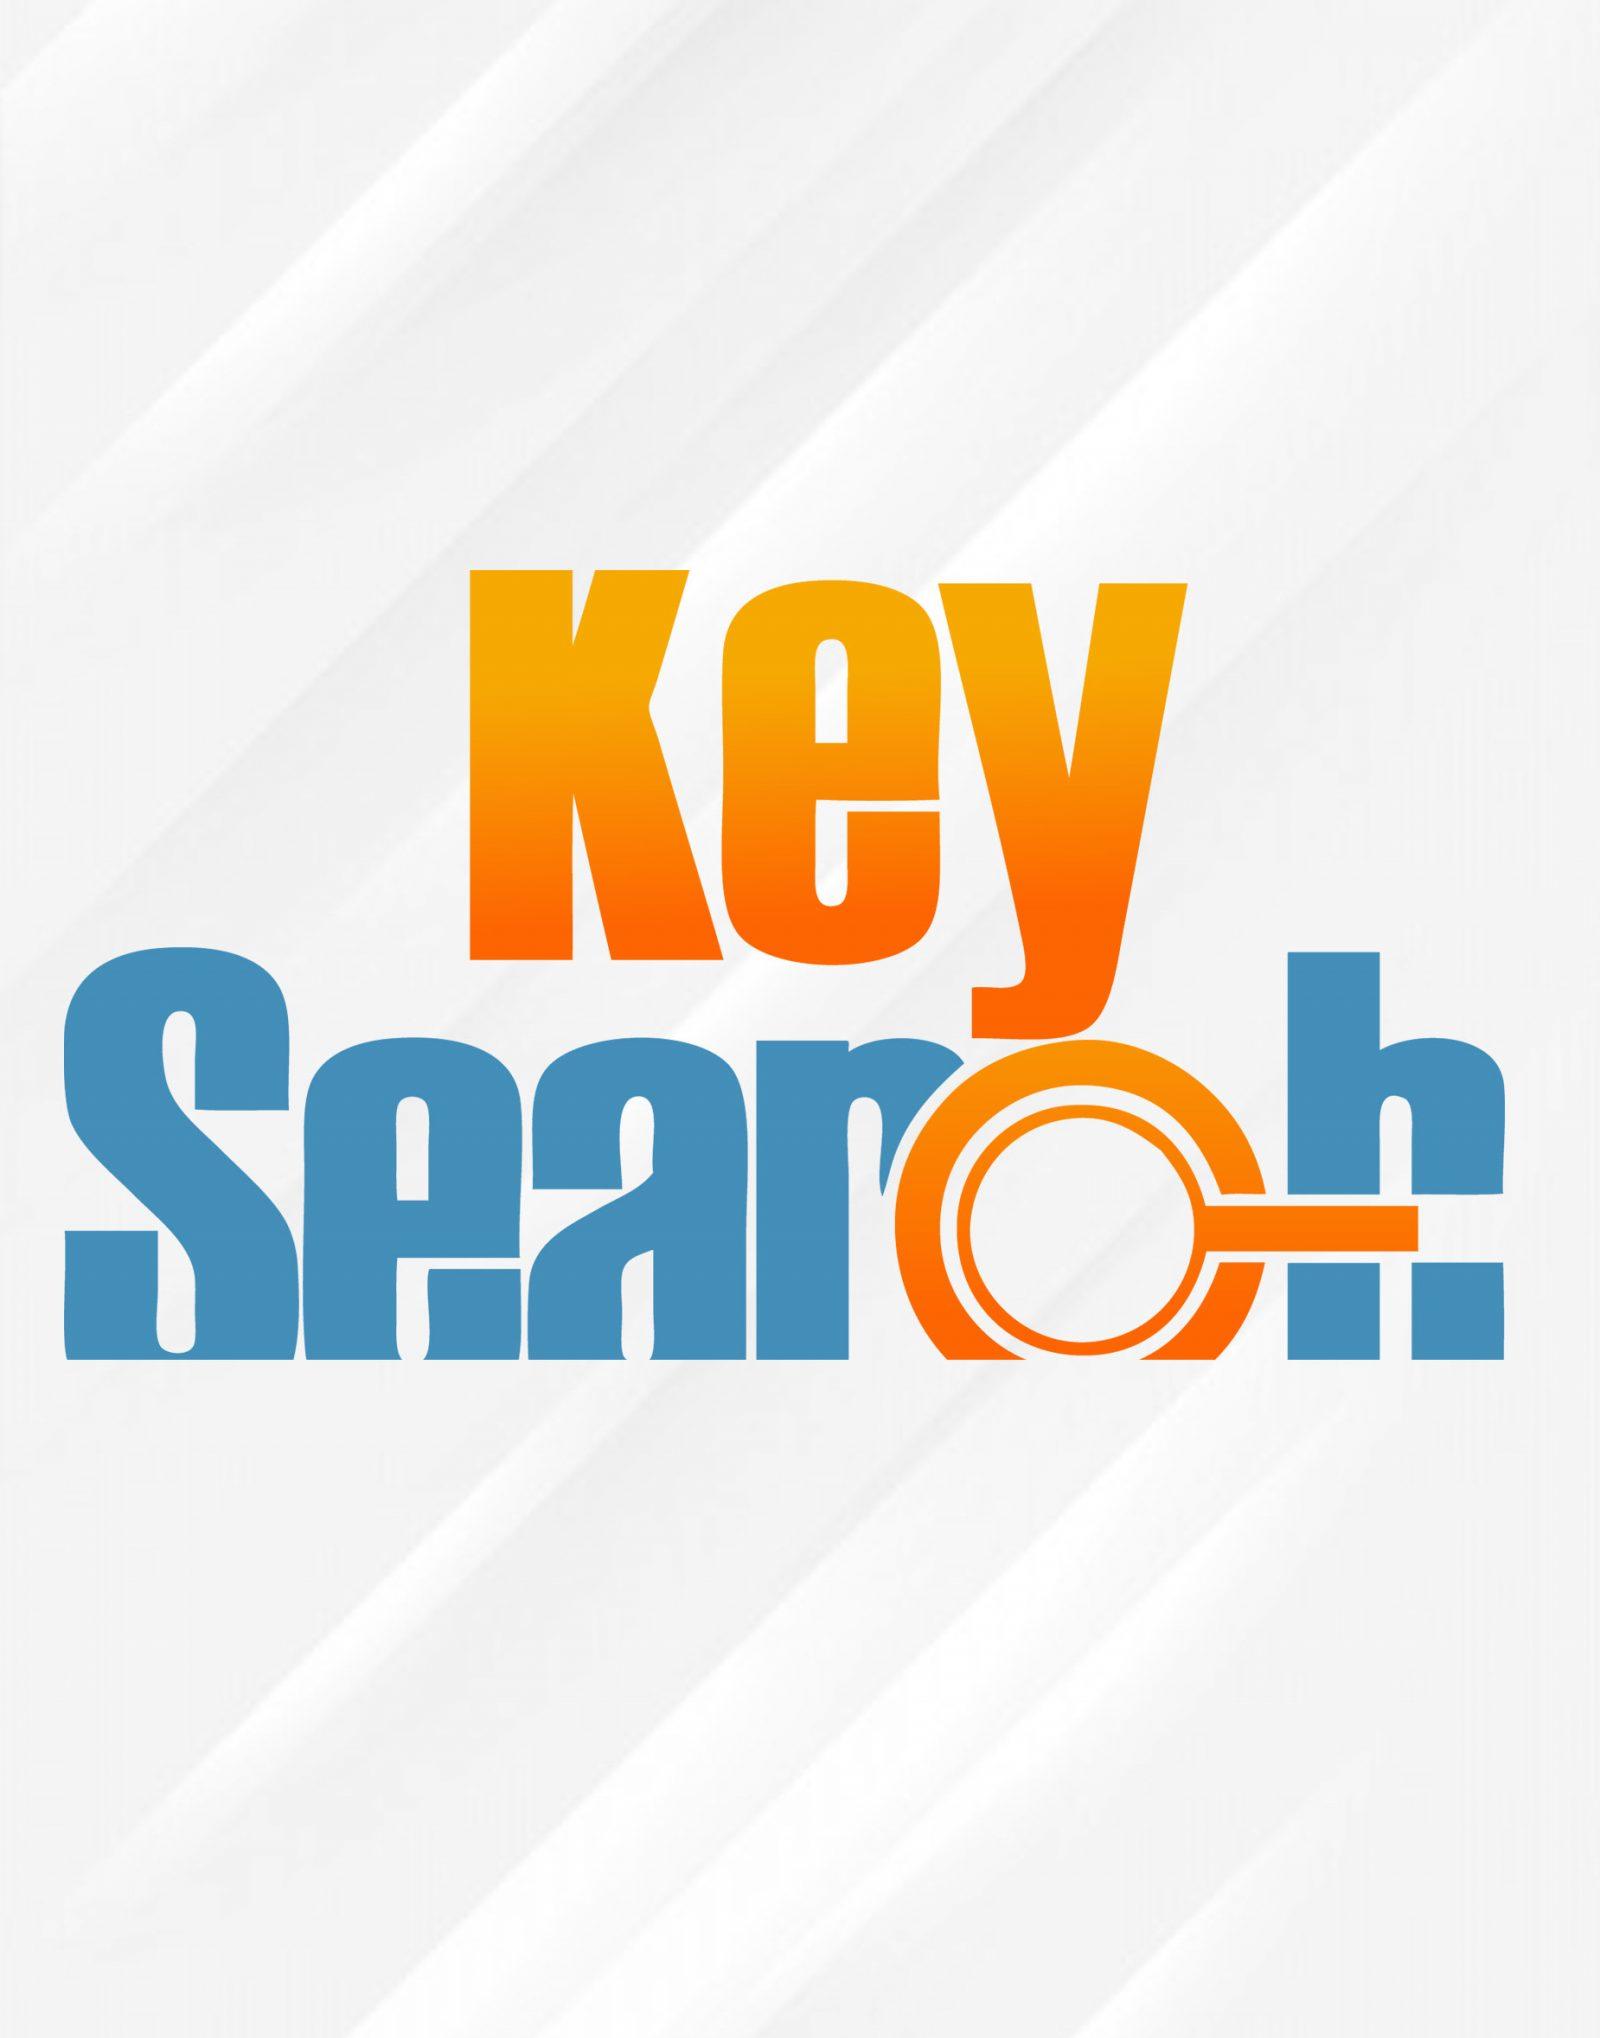 keysearch review 20